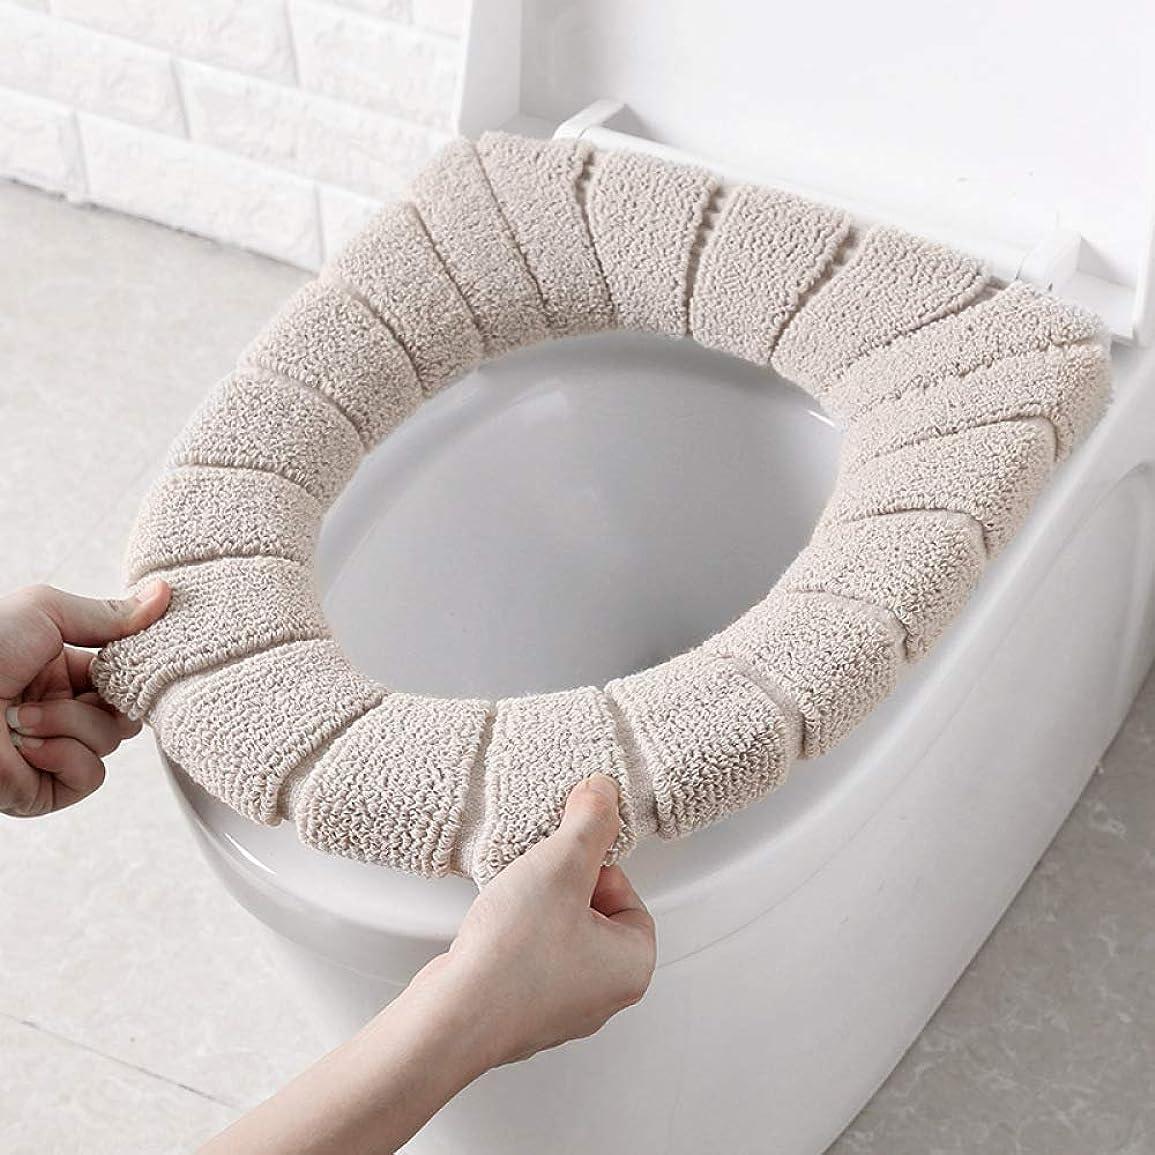 作成者手錠ヒゲクジラ冬の浴室トイレパッドクッションパッド入りトイレパッドクッショントイレカバーアクセサリー